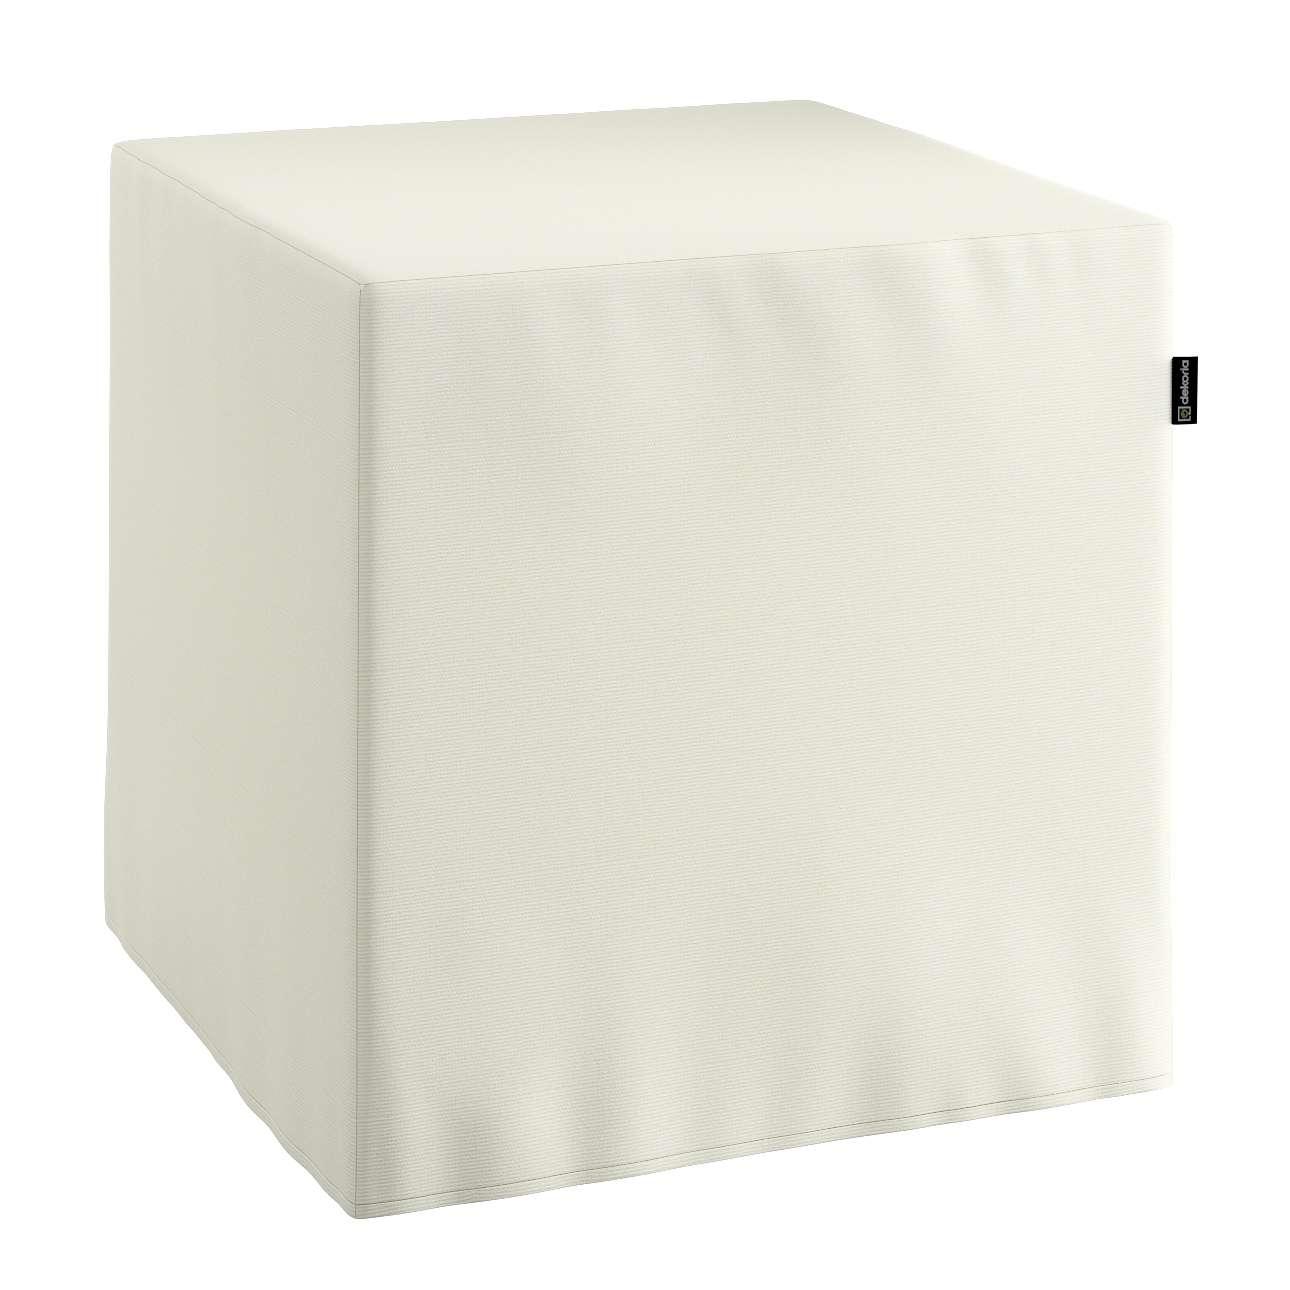 Harter Sitzwürfel 40 x 40 x 40 cm von der Kollektion Jupiter, Stoff: 127-00